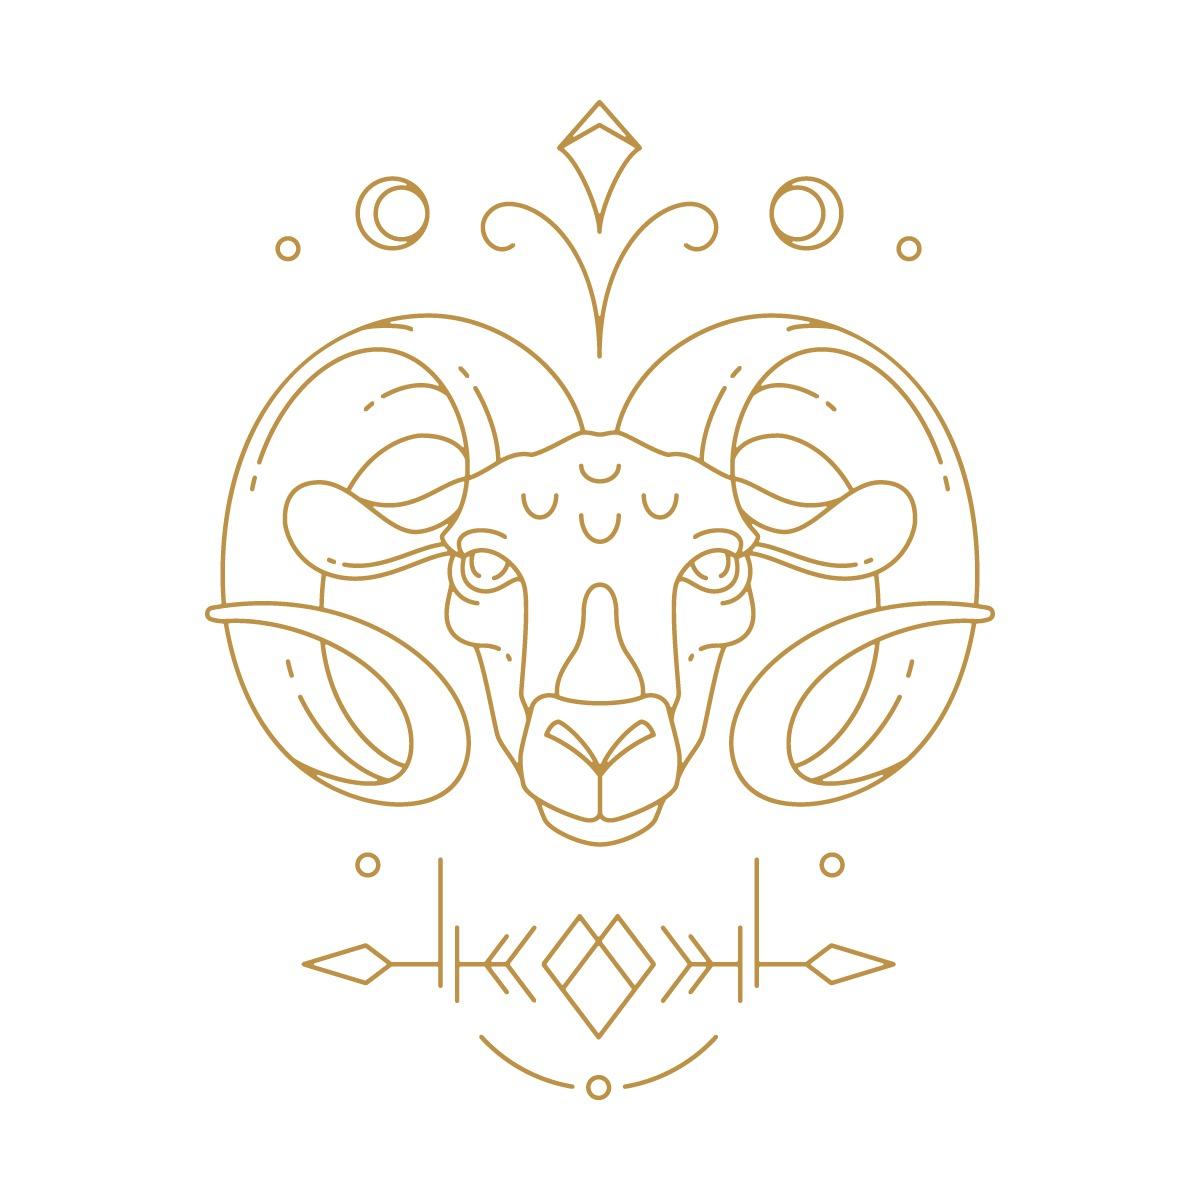 Hình vẽ biểu tượng cung hoàng đạo Bạch Dương